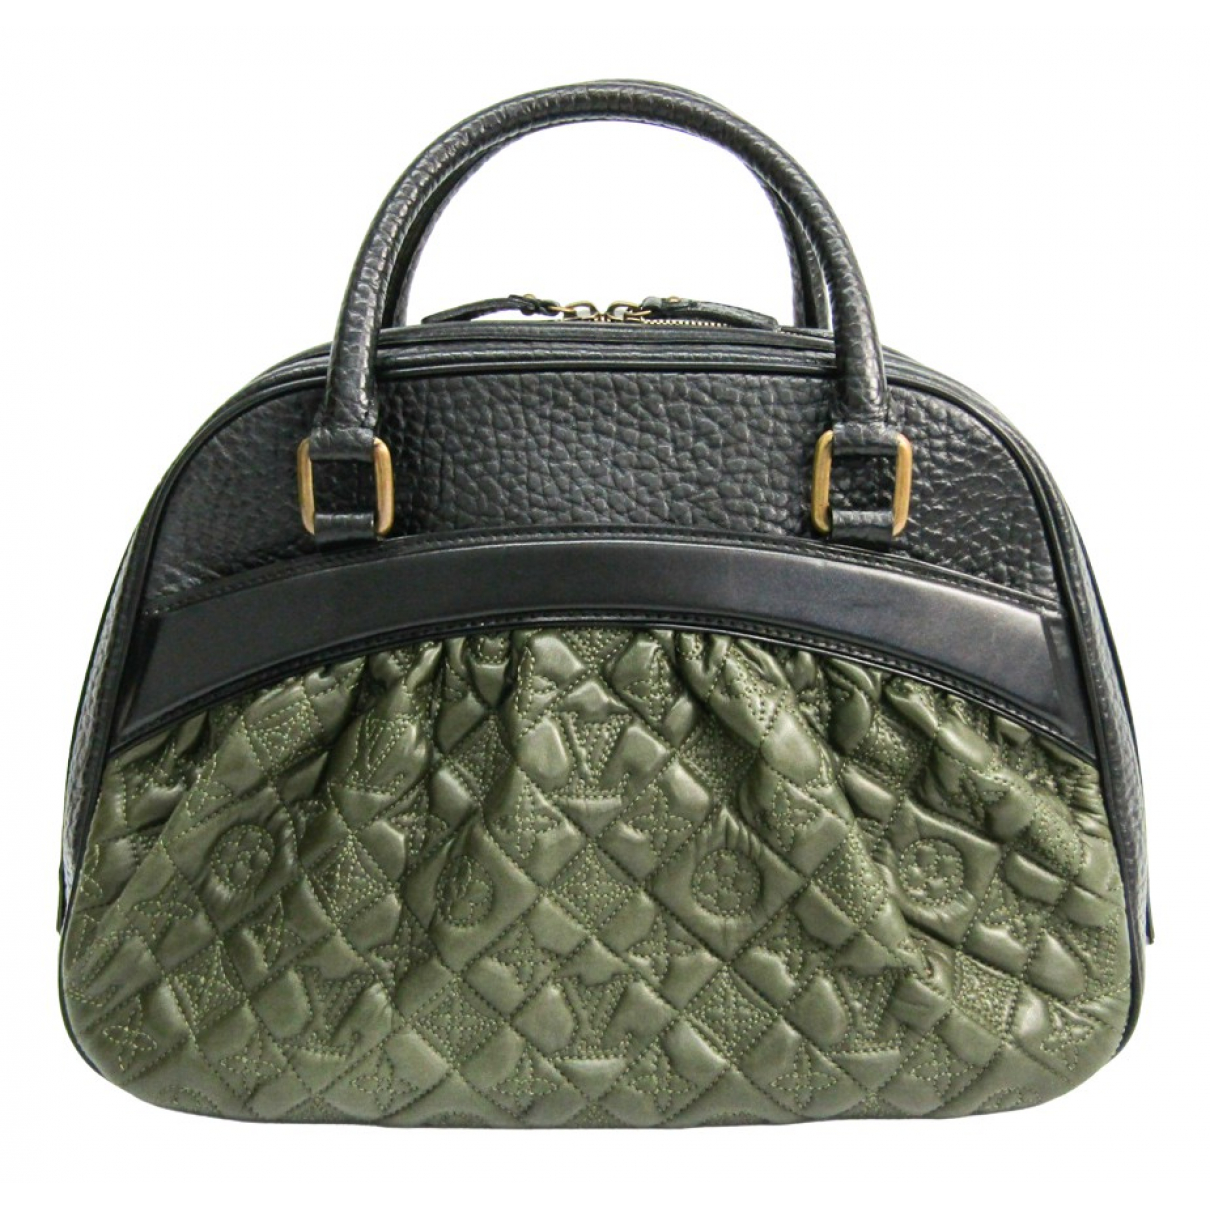 Louis Vuitton \N Handtasche in  Khaki Leder